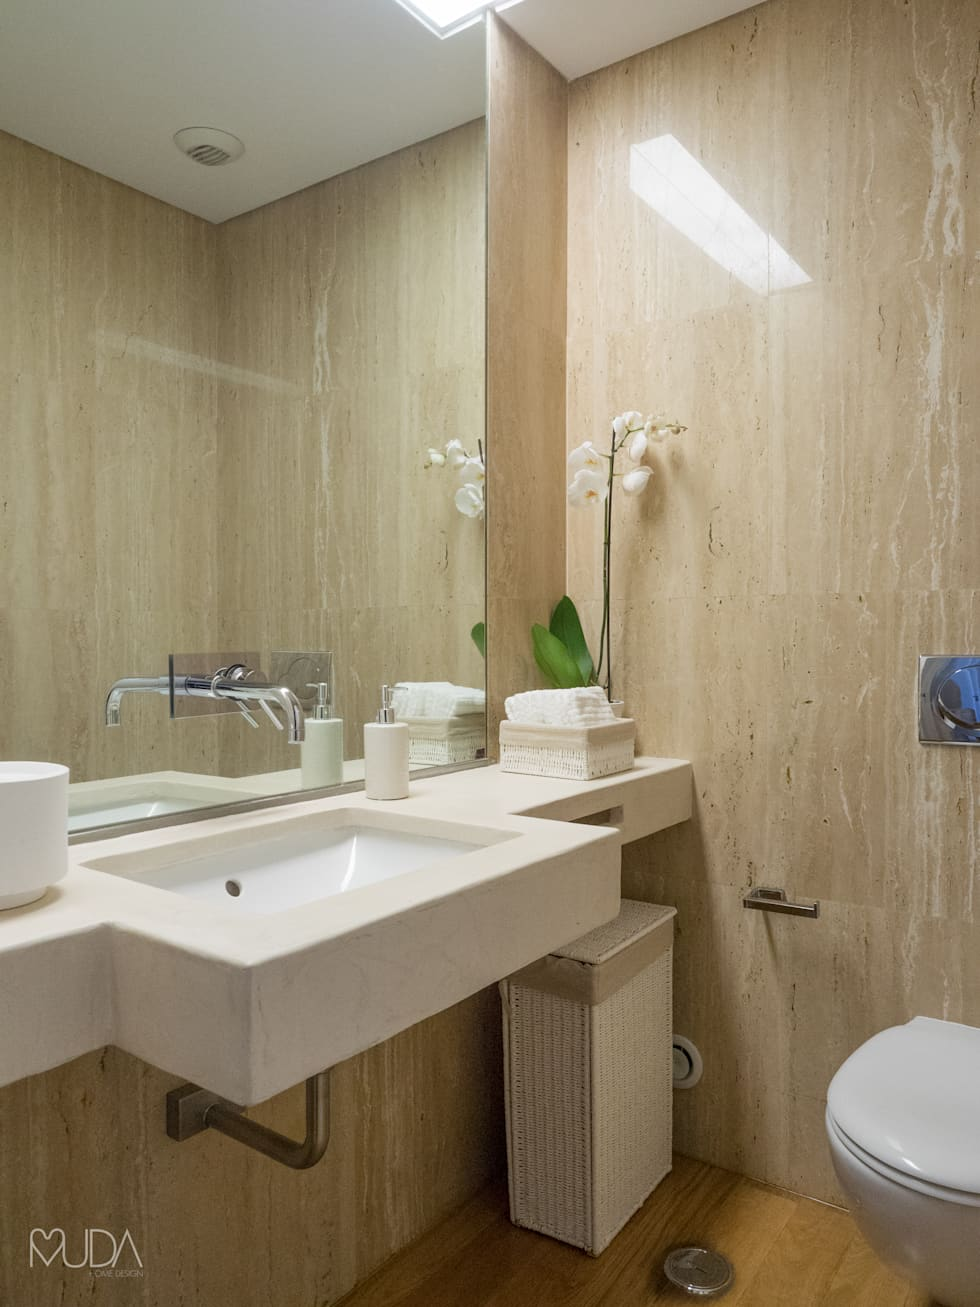 Fotos de decoraci n y dise o de interiores homify for Dormitorio kallax